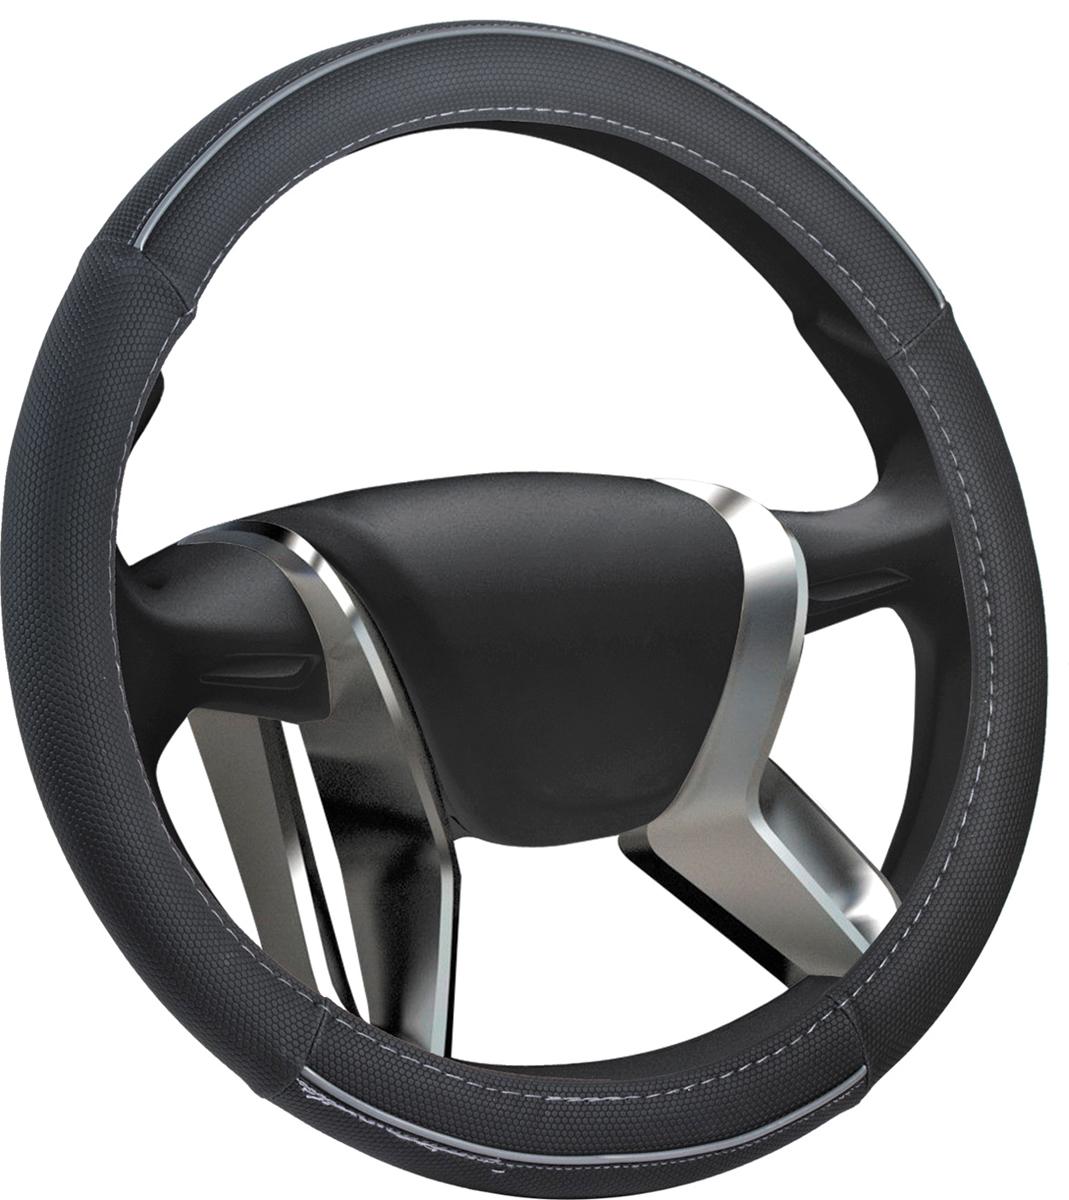 Оплетка на руль Azard Bold Vinil, виниловая, цвет: серый, диаметр 38 смОПЛ00115Виниловая оплетка на руль Azard Bold Vinil на гладком резиновом ободе. Обеспечивает уверенный охват руля. Материал с объемной текстурой, повторяющей рисунок пчелиных сот, гарантирует надежное сцепление рук водителя с рулем в процессе вождения автомобиля. Оплетка Azard Bold Vinil легко устанавливается на рулевое колесо автомобиля, защищает его от потертостей и загрязнений.